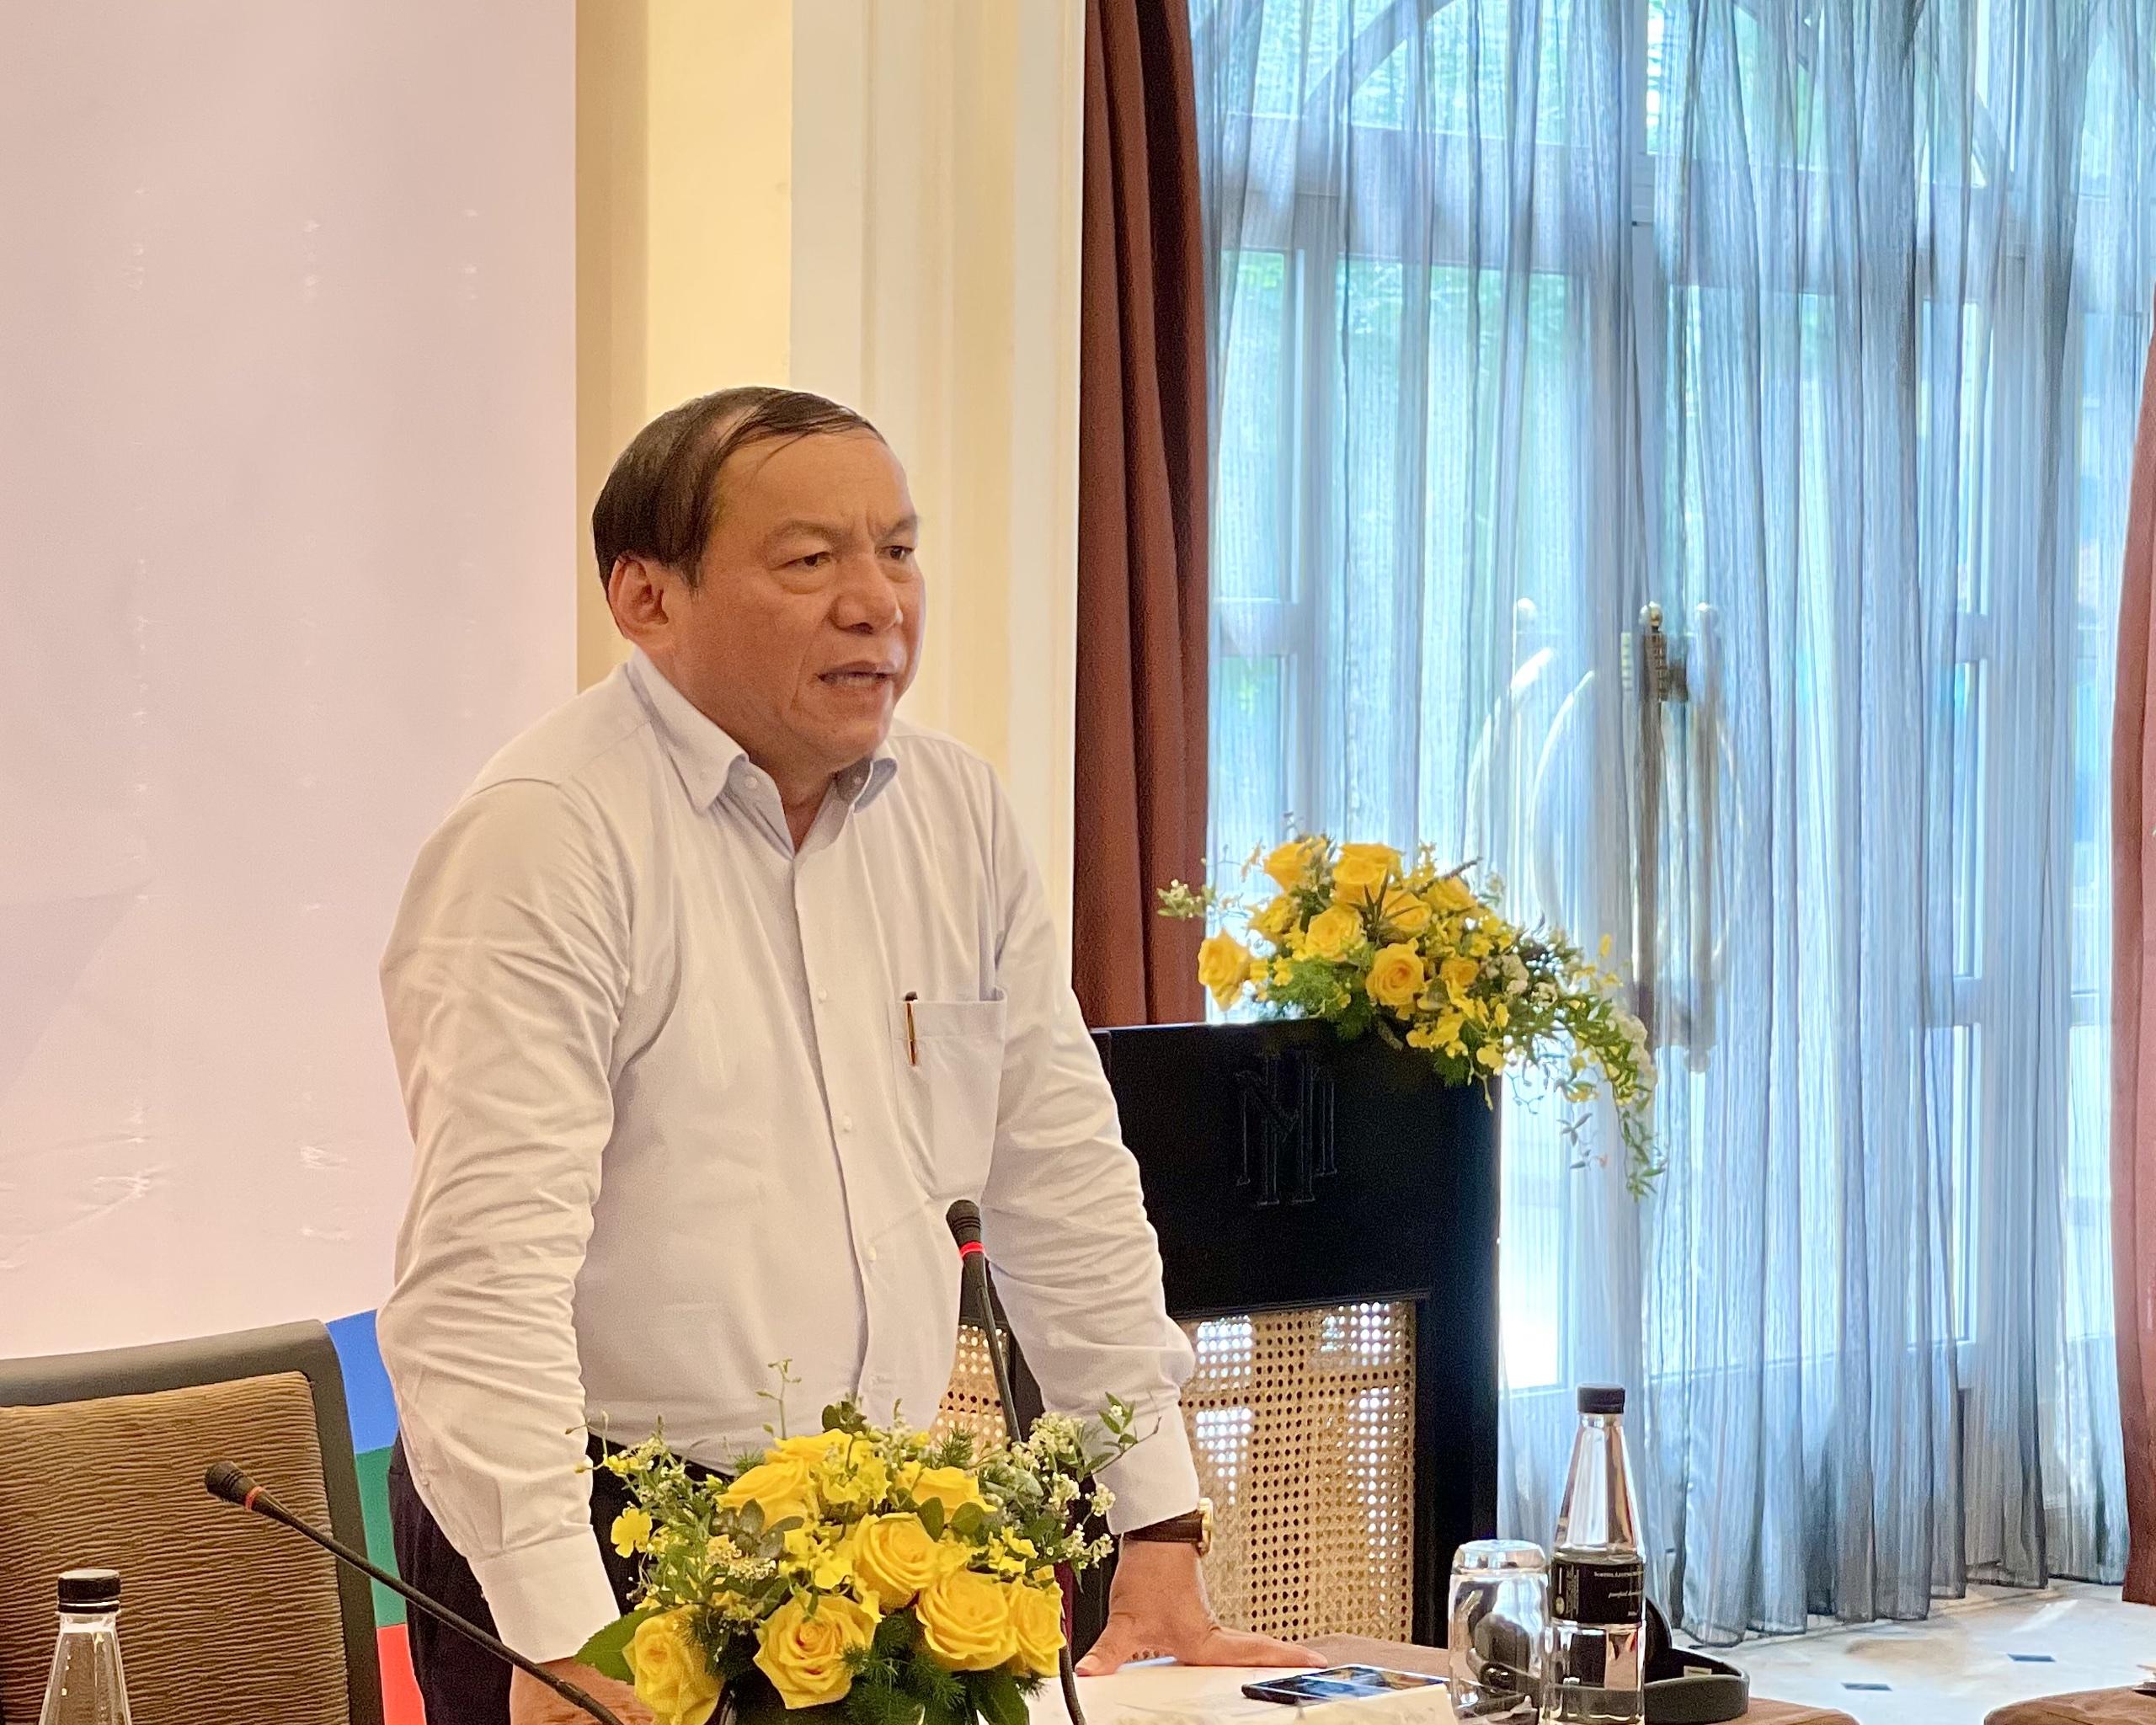 """Bộ trưởng Nguyễn Văn Hùng: Hội đồng Tư vấn du lịch cần """"bắt nhịp sớm, tiếp cận nhanh, tham mưu đúng tuyến"""" cho Bộ VHTTDL các giải pháp phục hồi du lịch"""